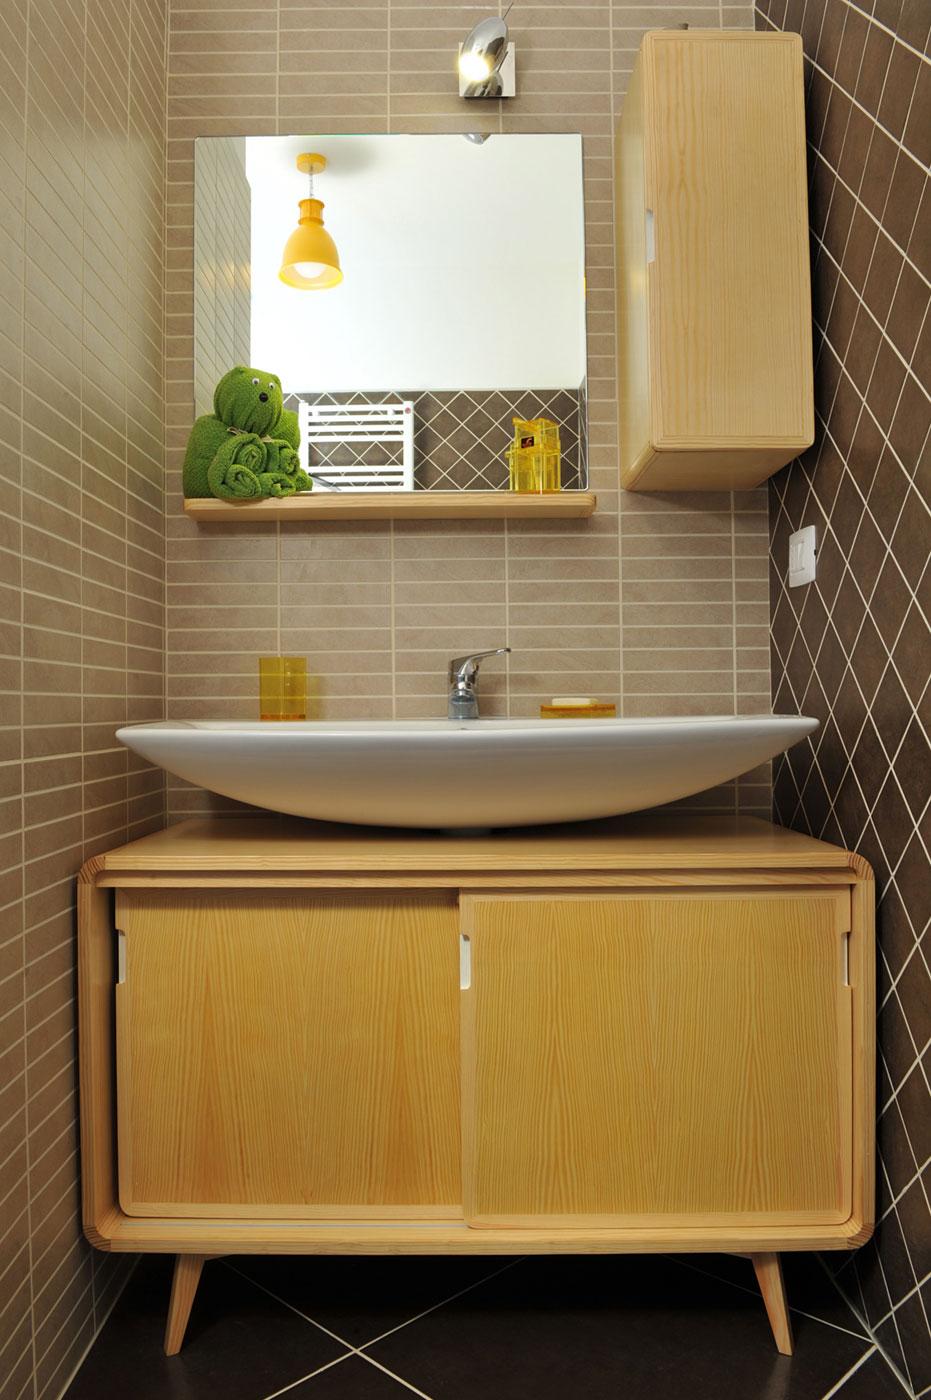 Mobile bagno stile scandinavo in legno di abete massello con porte scorrevoli